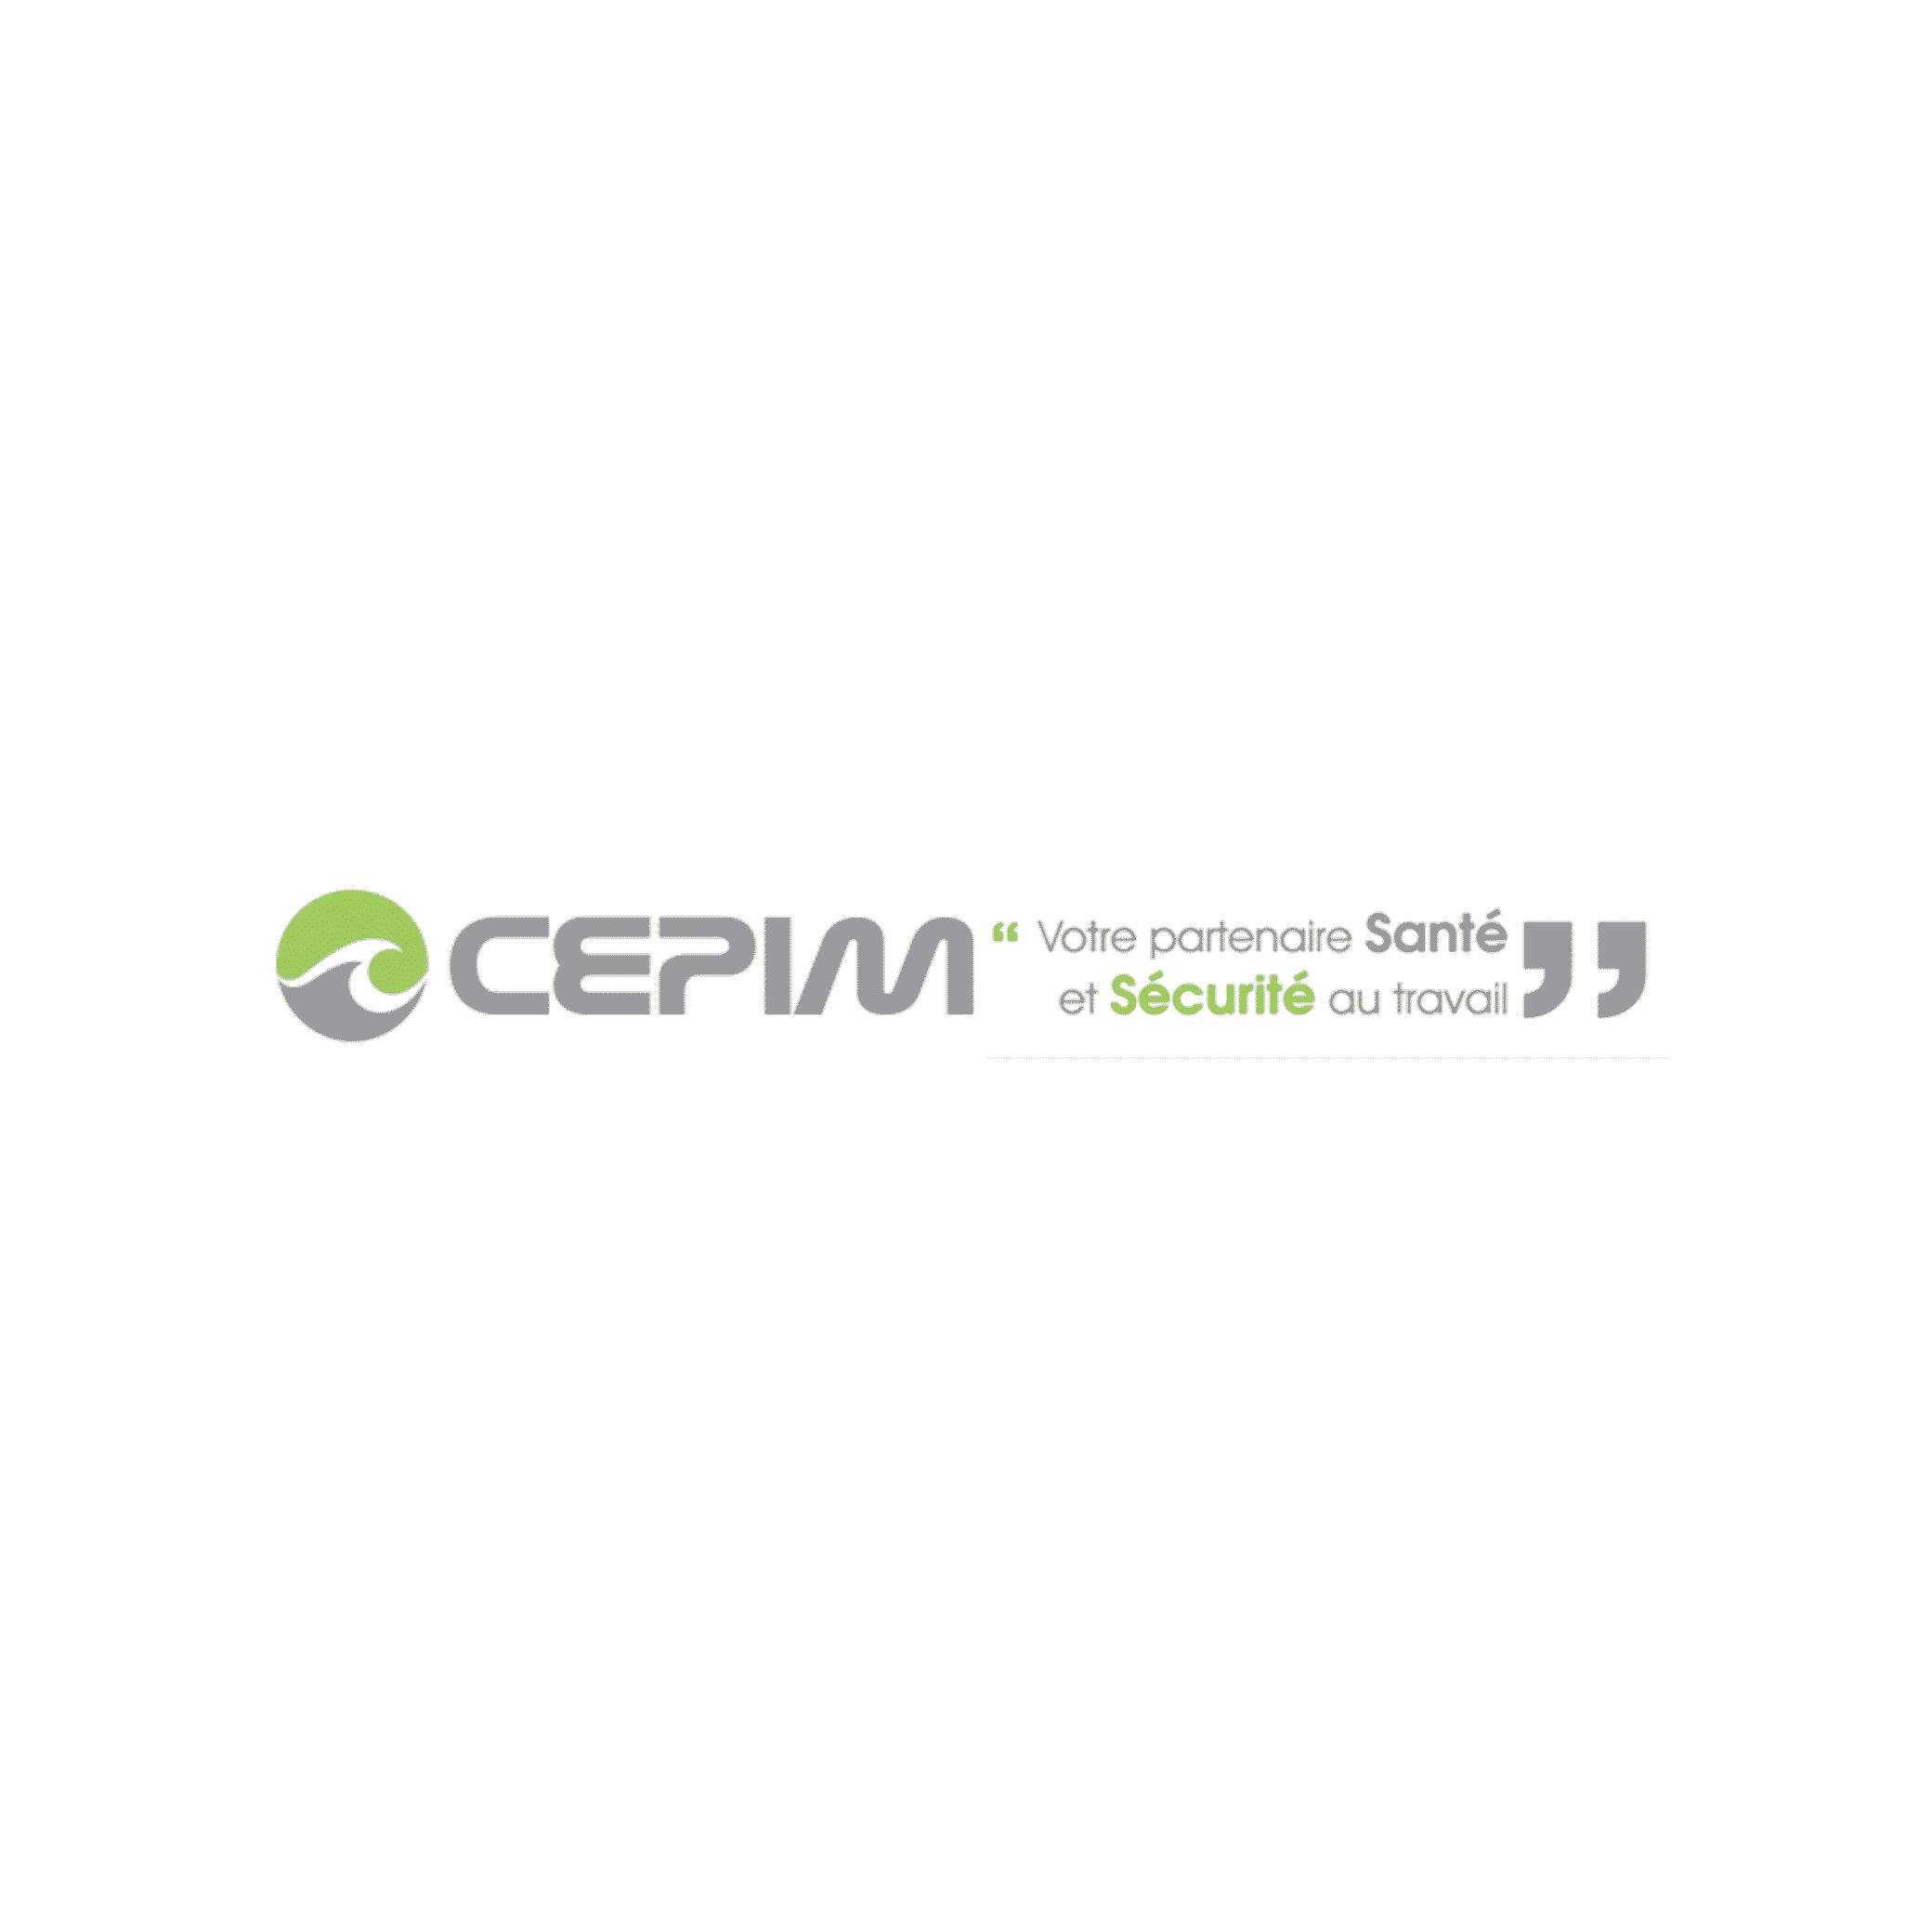 CEPIM entreprises